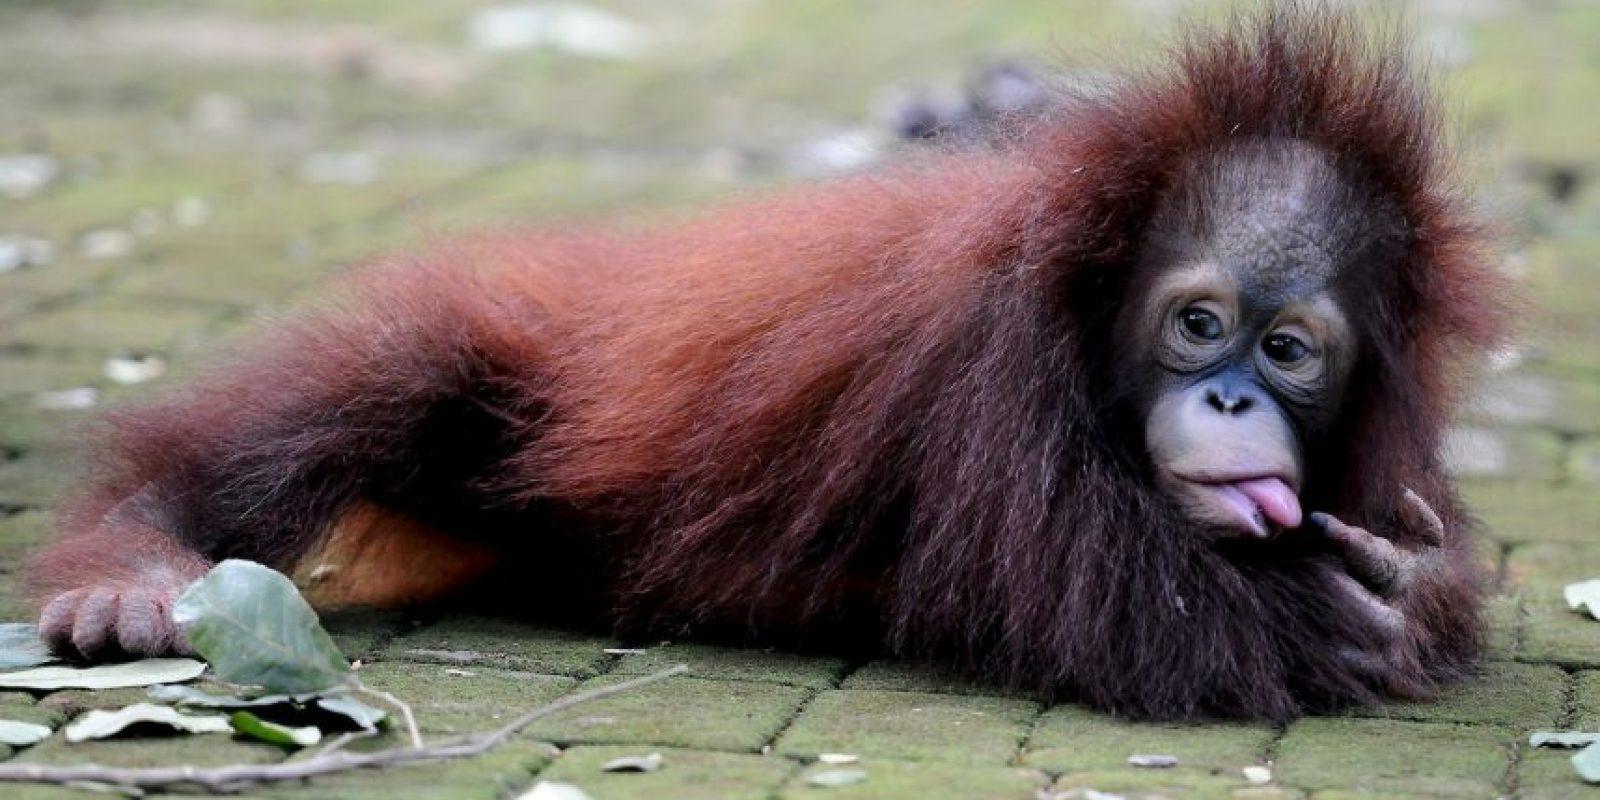 """Al ser cuestionado sobre cuál era su insecto favorito el argentino respondió """"el mono"""". ¿Se habrá confundido? Después argumentó su respuesta: """"Los monos siempre han sido mis favorito, son descarados"""". Foto:Getty Images"""